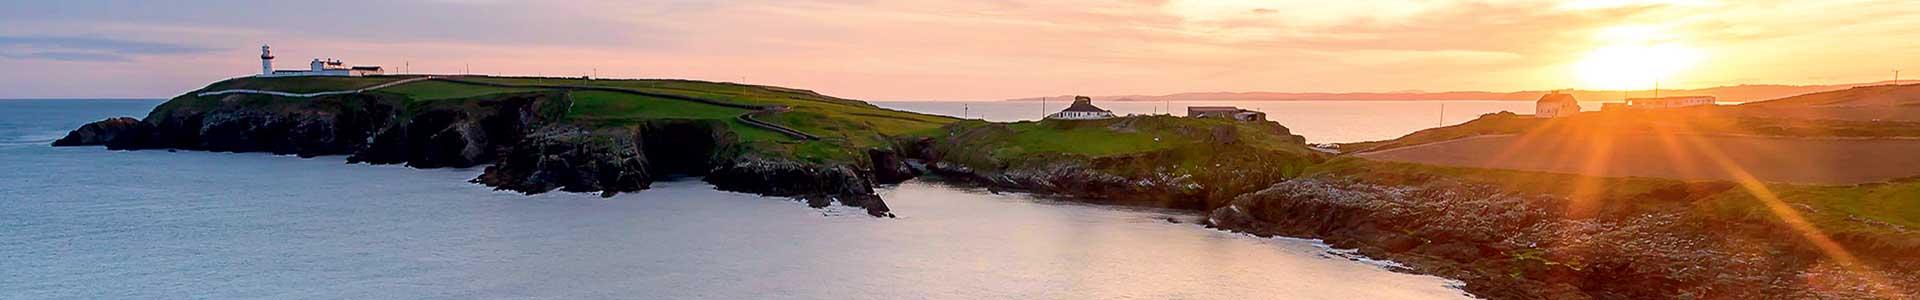 Voyage en Irlande - TUI